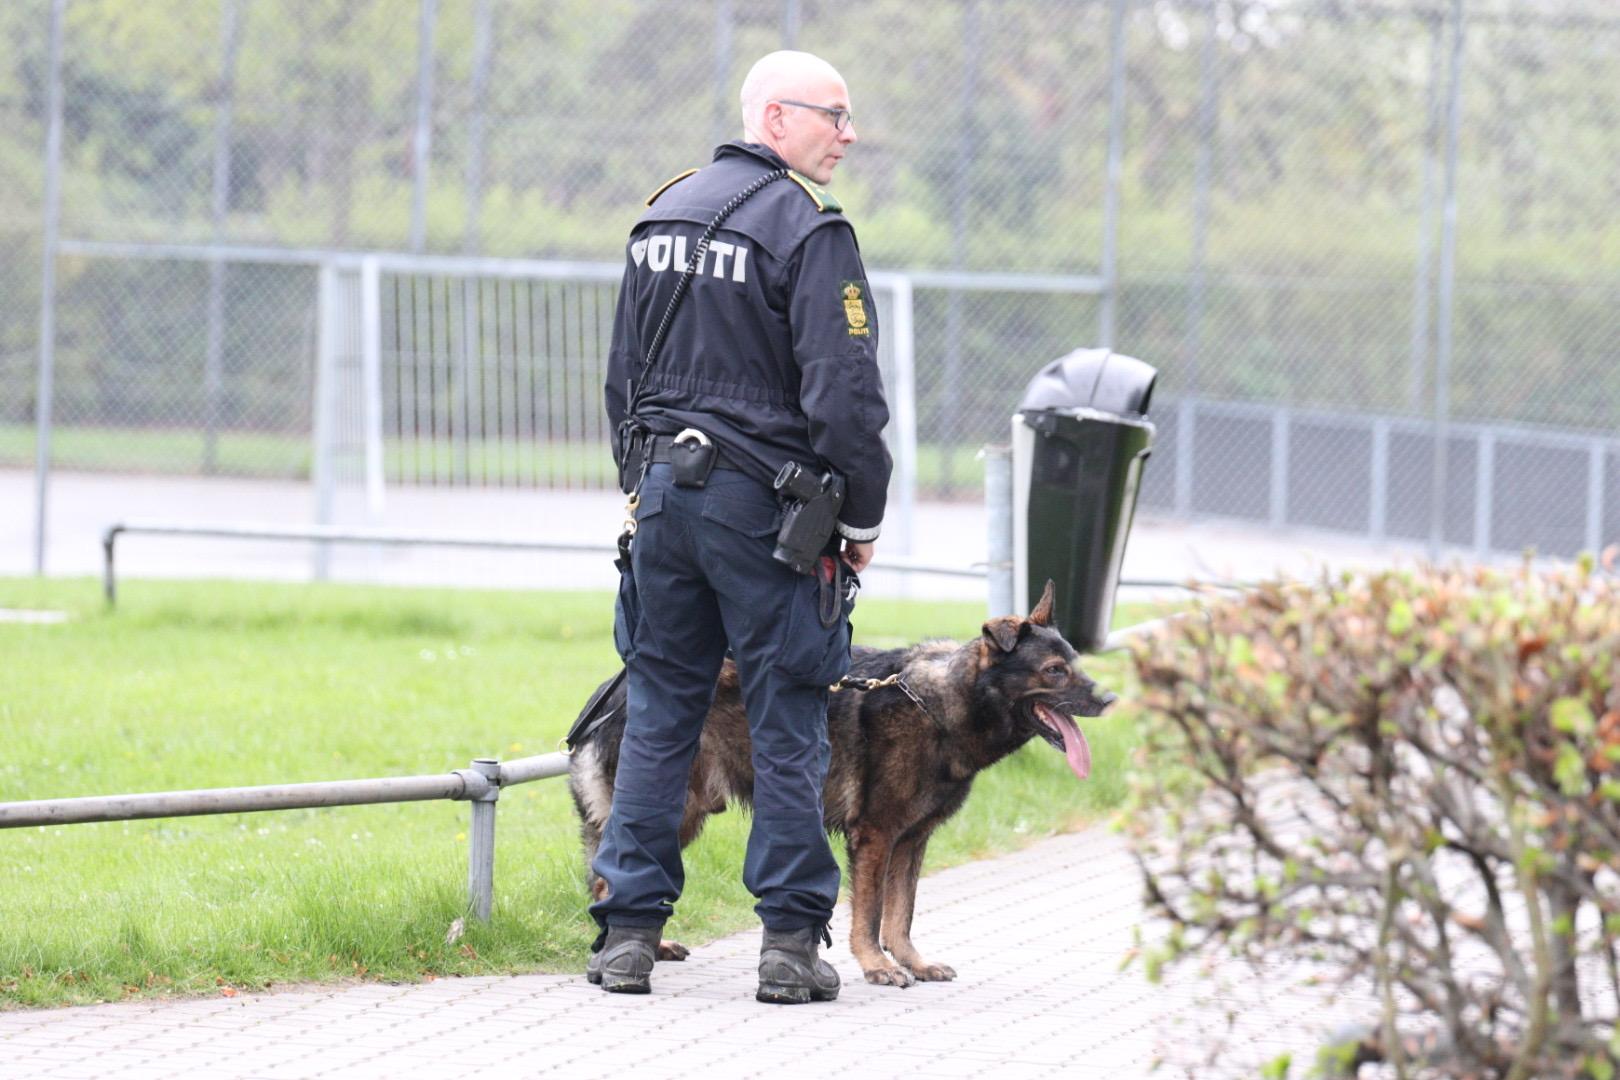 Politiaktion i Aarhus - Stor kniv beslaglagt